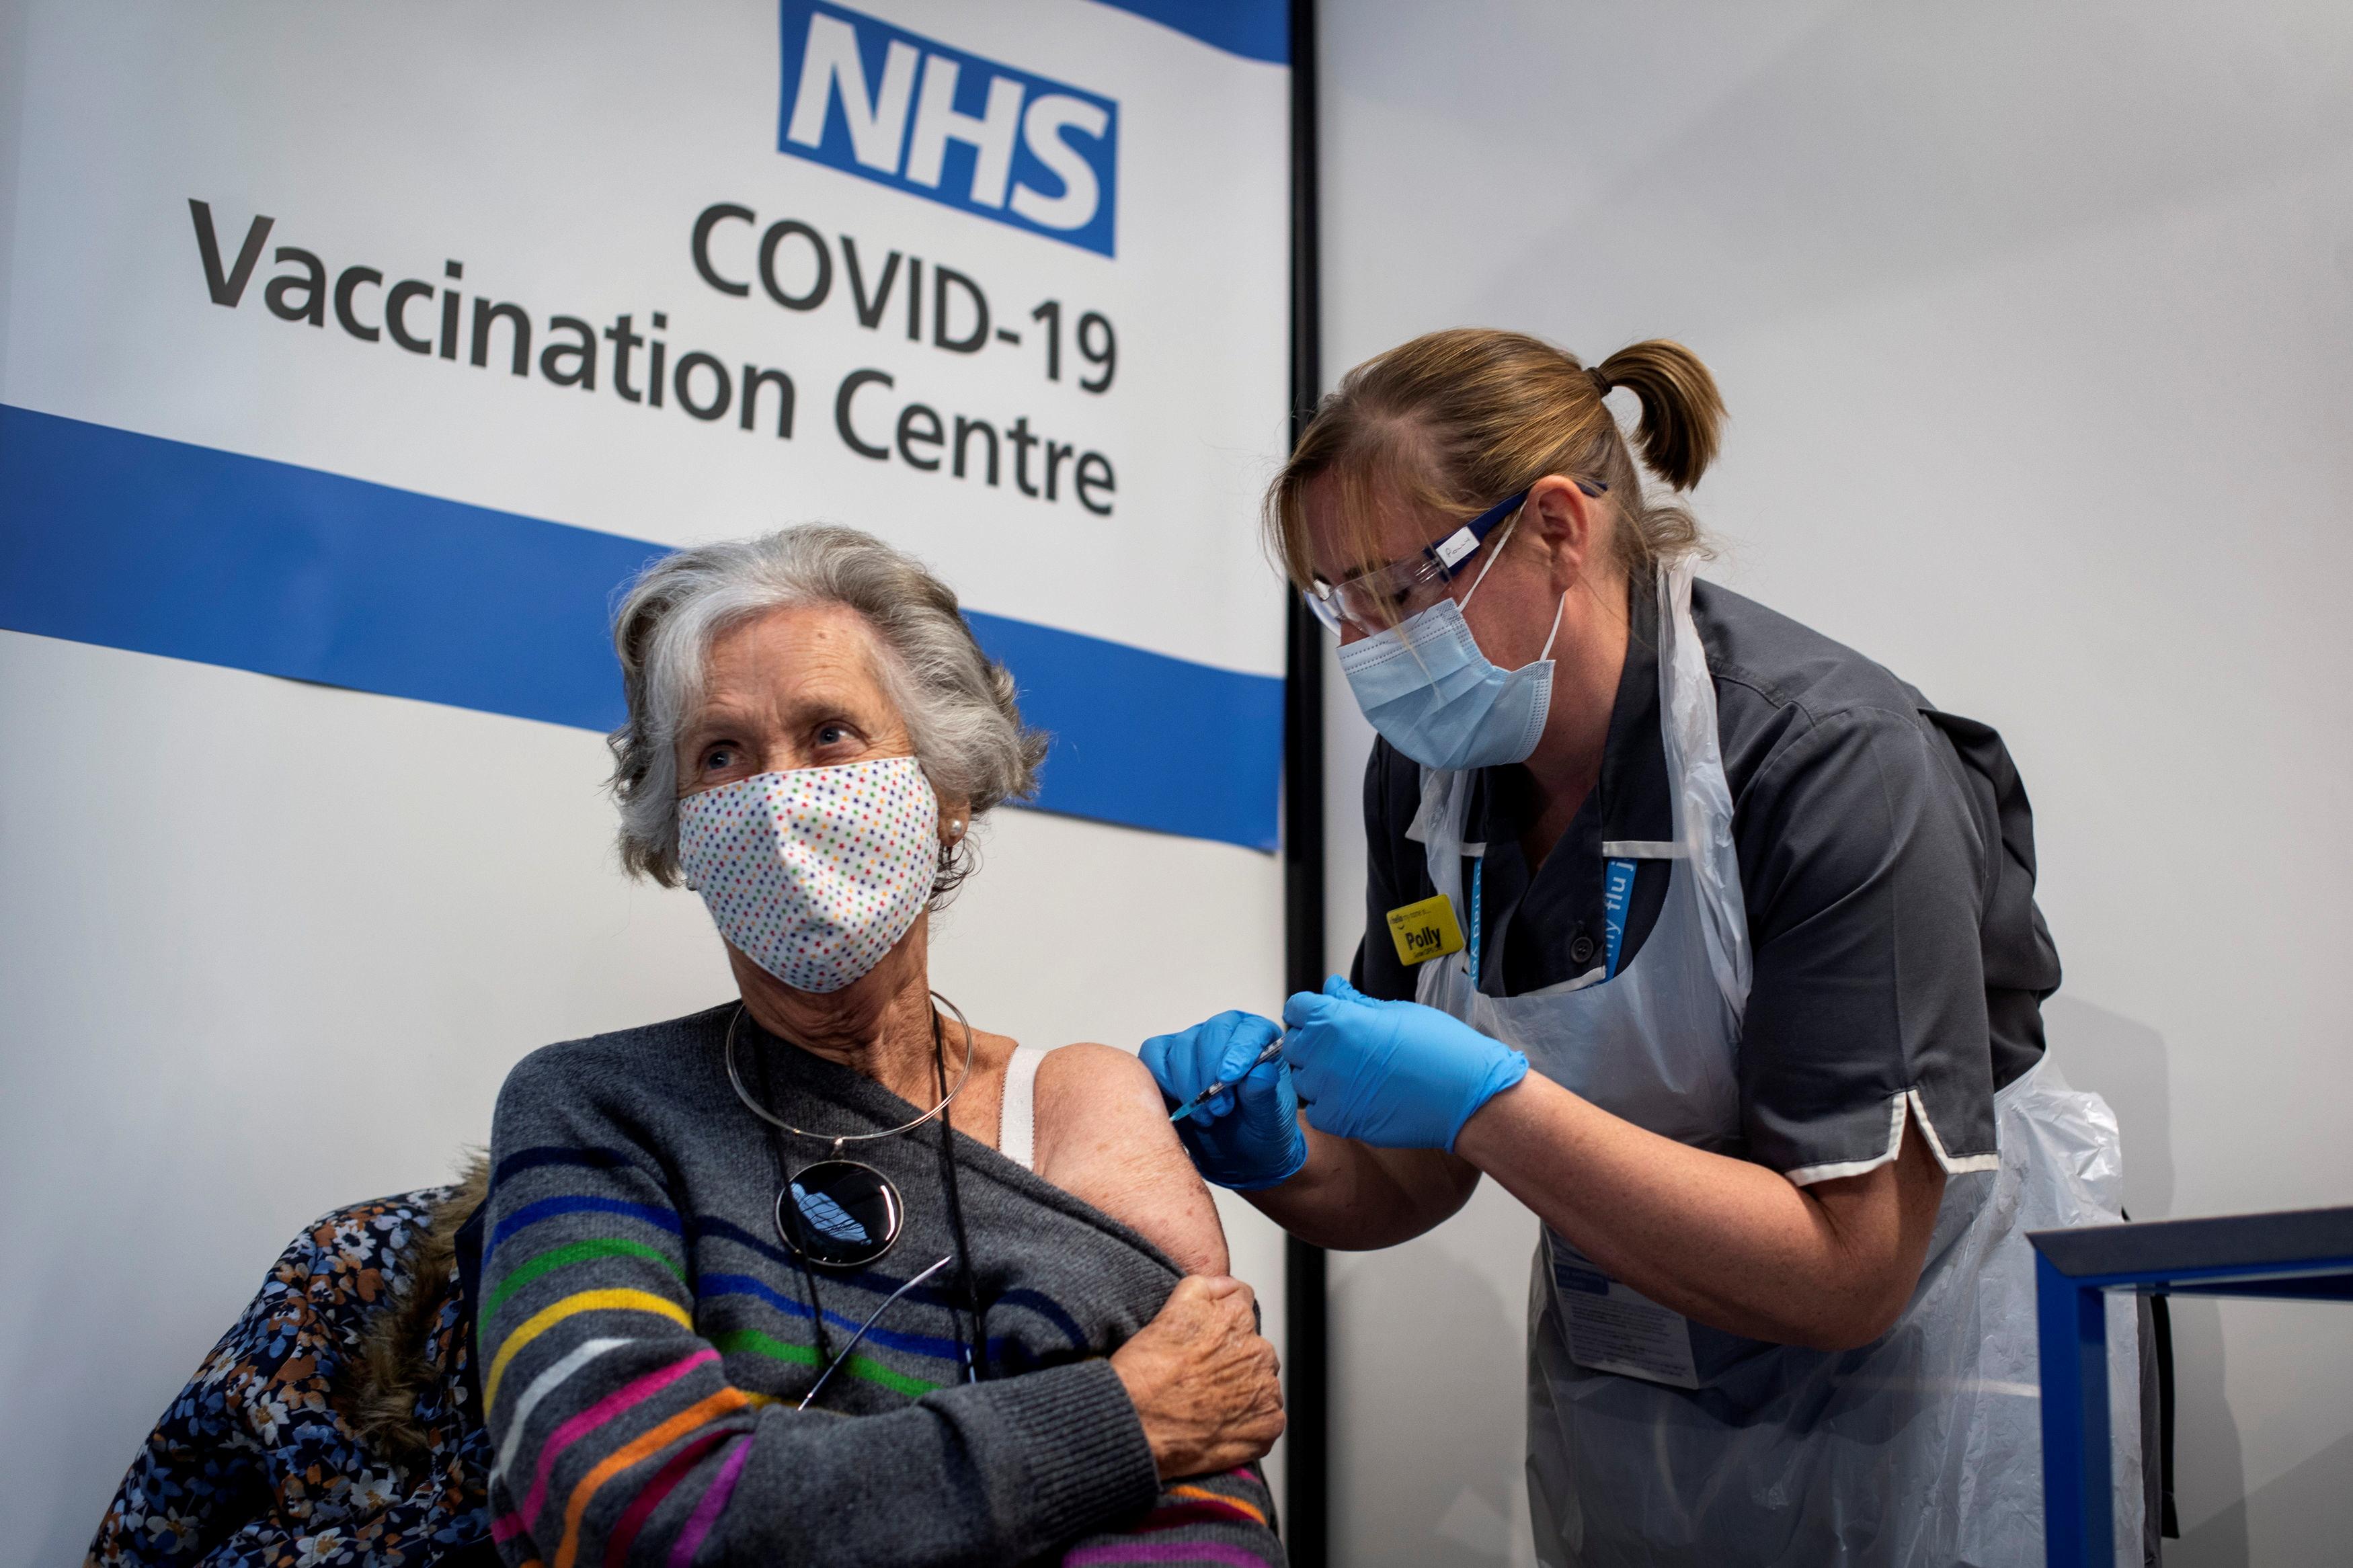 یک پرستار واکسن Covid-19 را به یک زن مسن تزریق می کند.